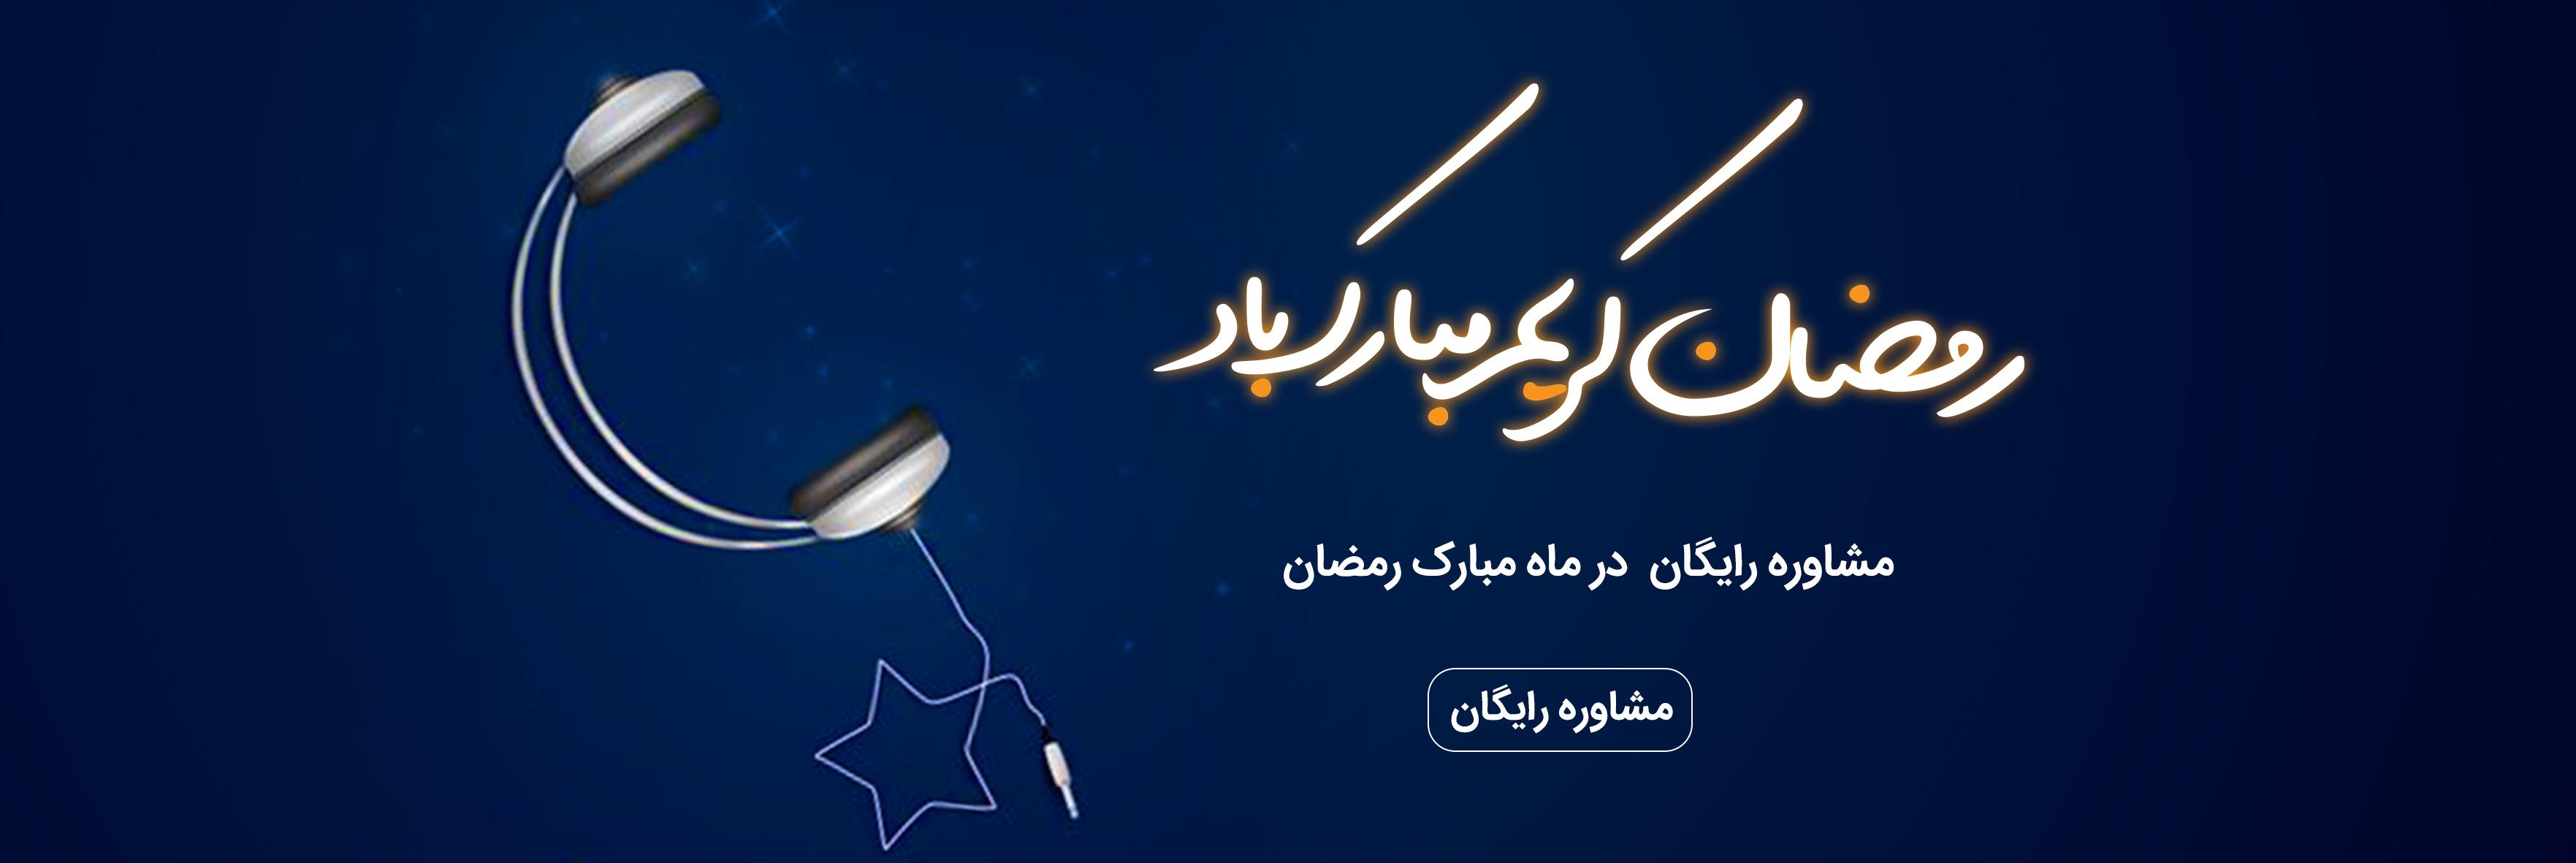 مشاور رایگان در ایام ماه مبارک رمضان